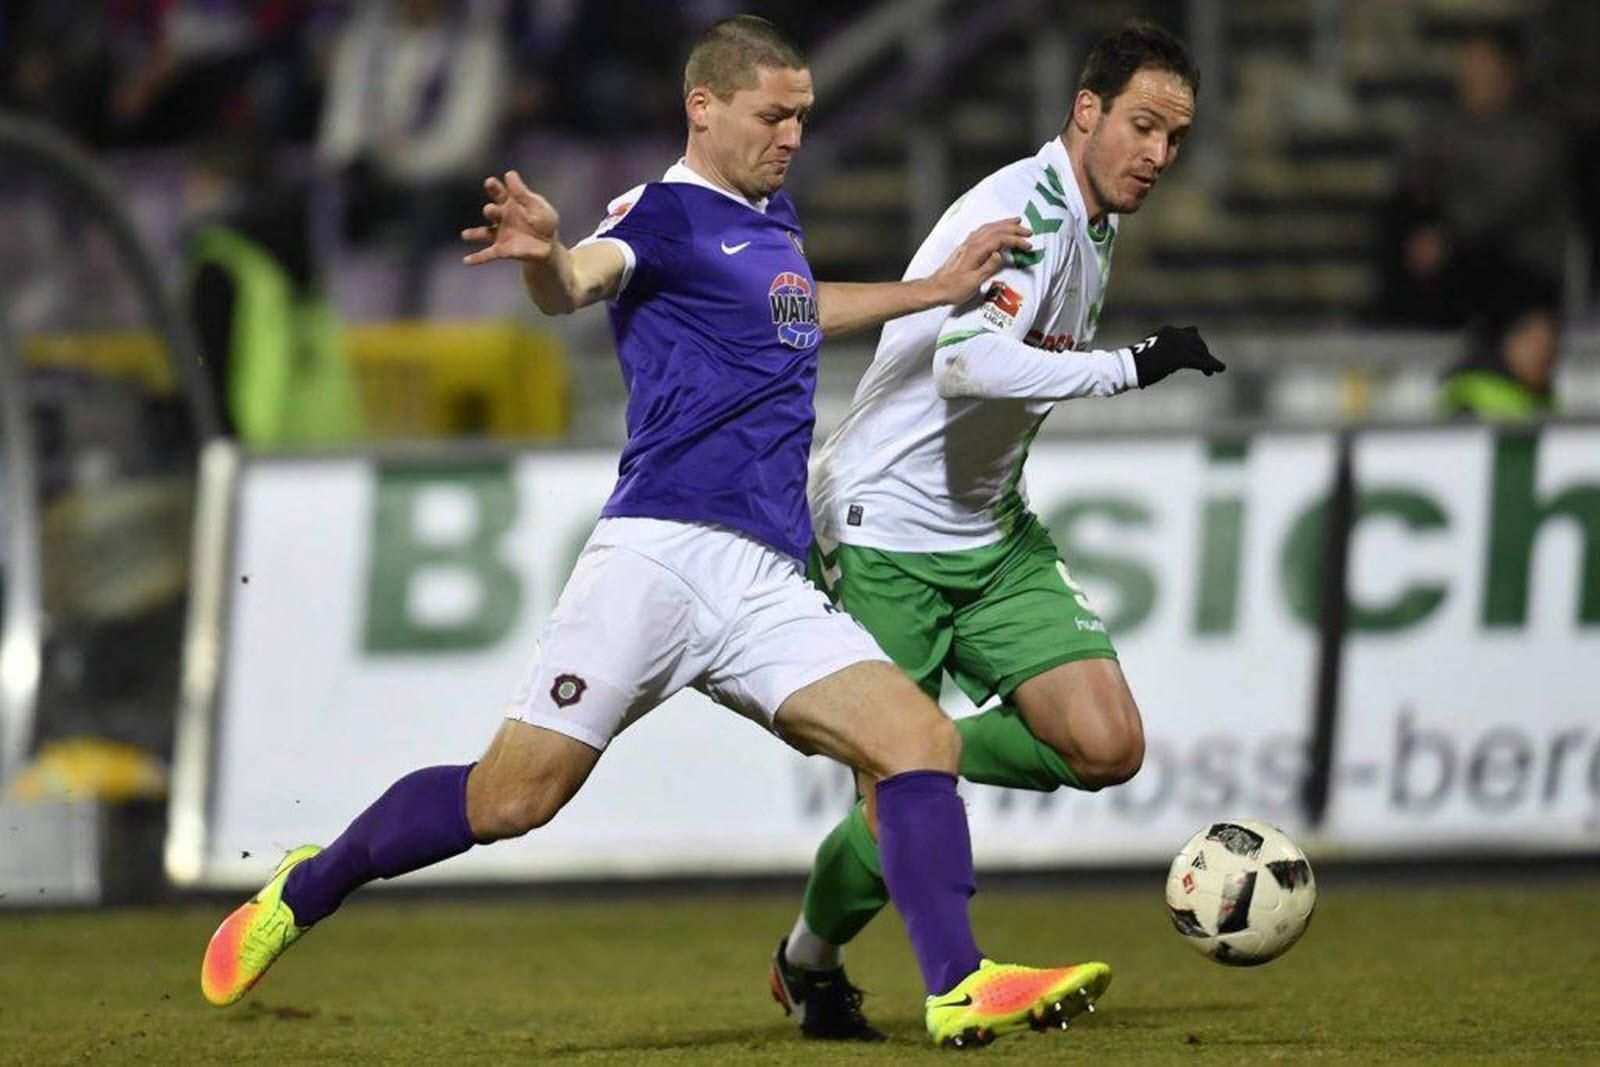 Adam Sušac, Neuzugang vom VfL Osnabrück